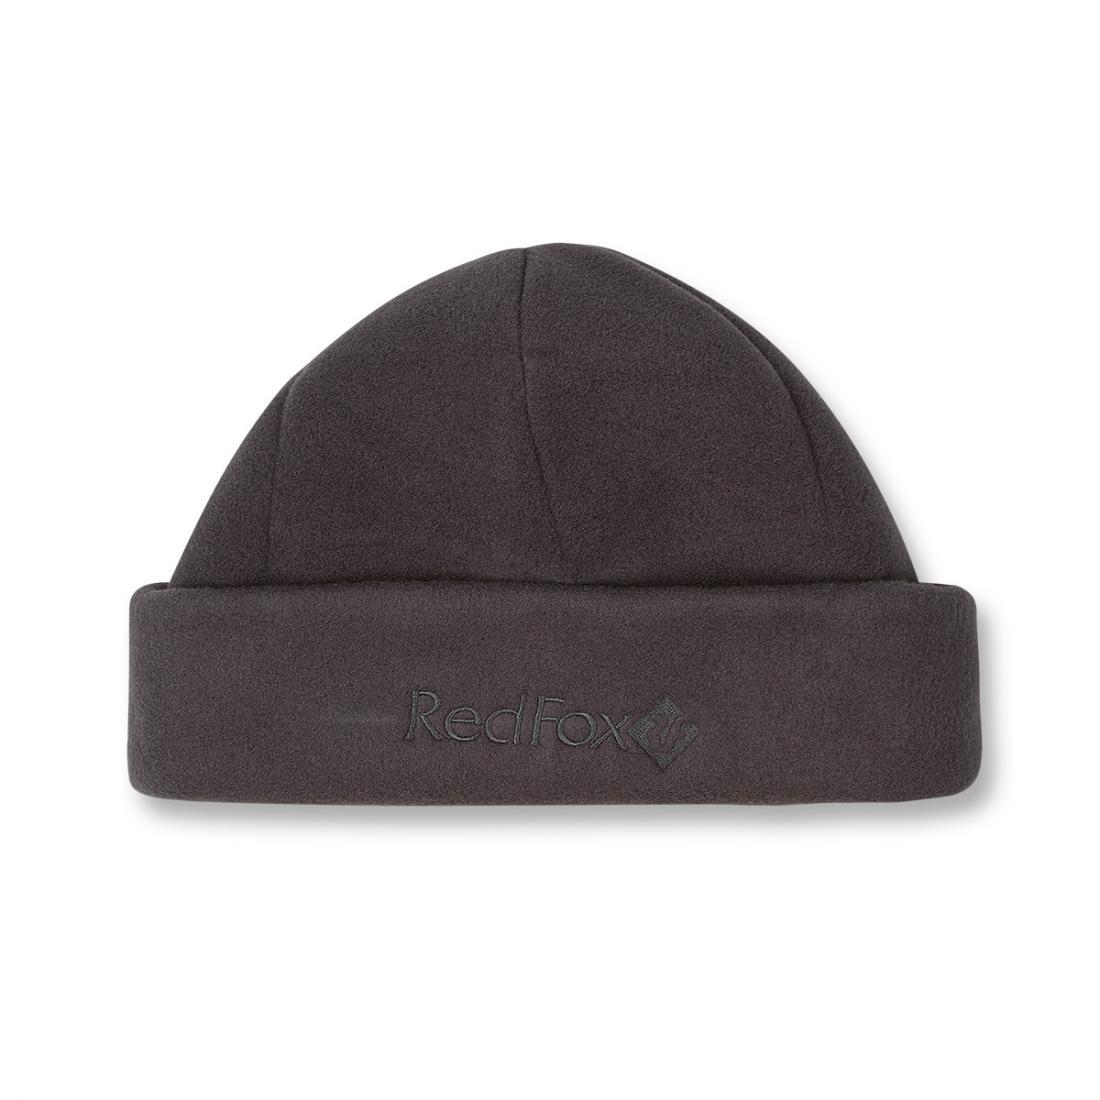 Шапка Polartec ClassicШапки<br><br> Теплая шапка классического дизайна из материала Polartec® 200<br><br><br> Основные характеристики<br><br><br>комфортная посадка<br>эргоном...<br><br>Цвет: Темно-серый<br>Размер: 60